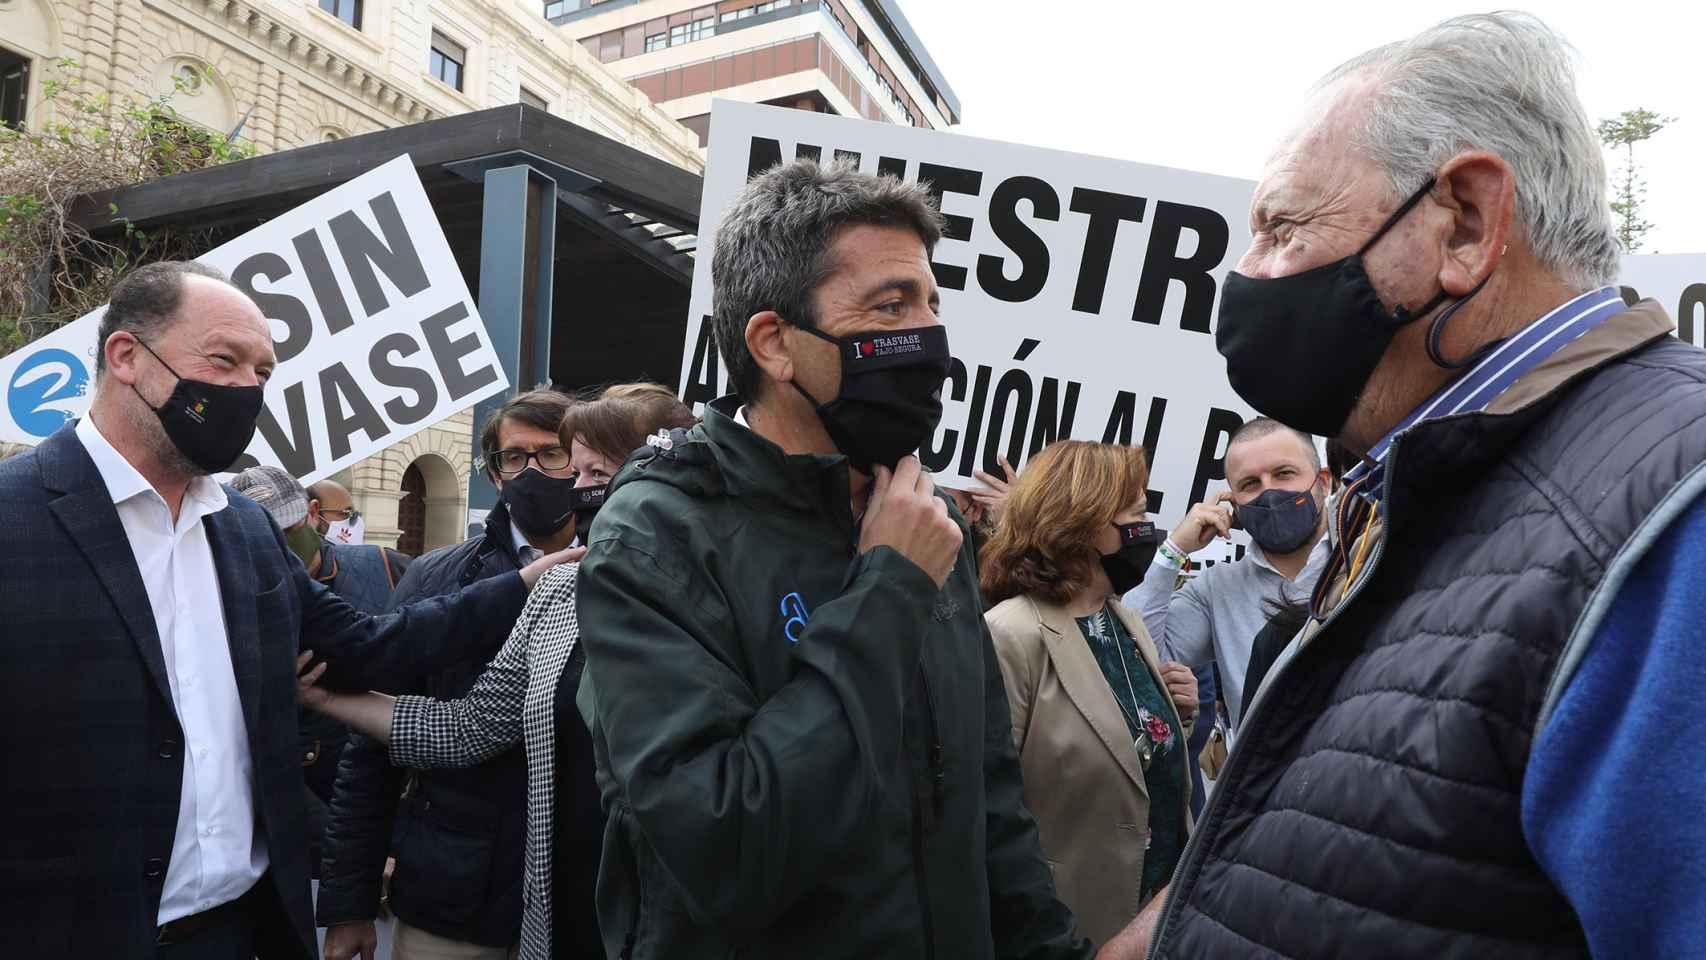 El presidente de la Diputación de Alicante, Carlos Mazón, protesta contra los recortes del trasvase.